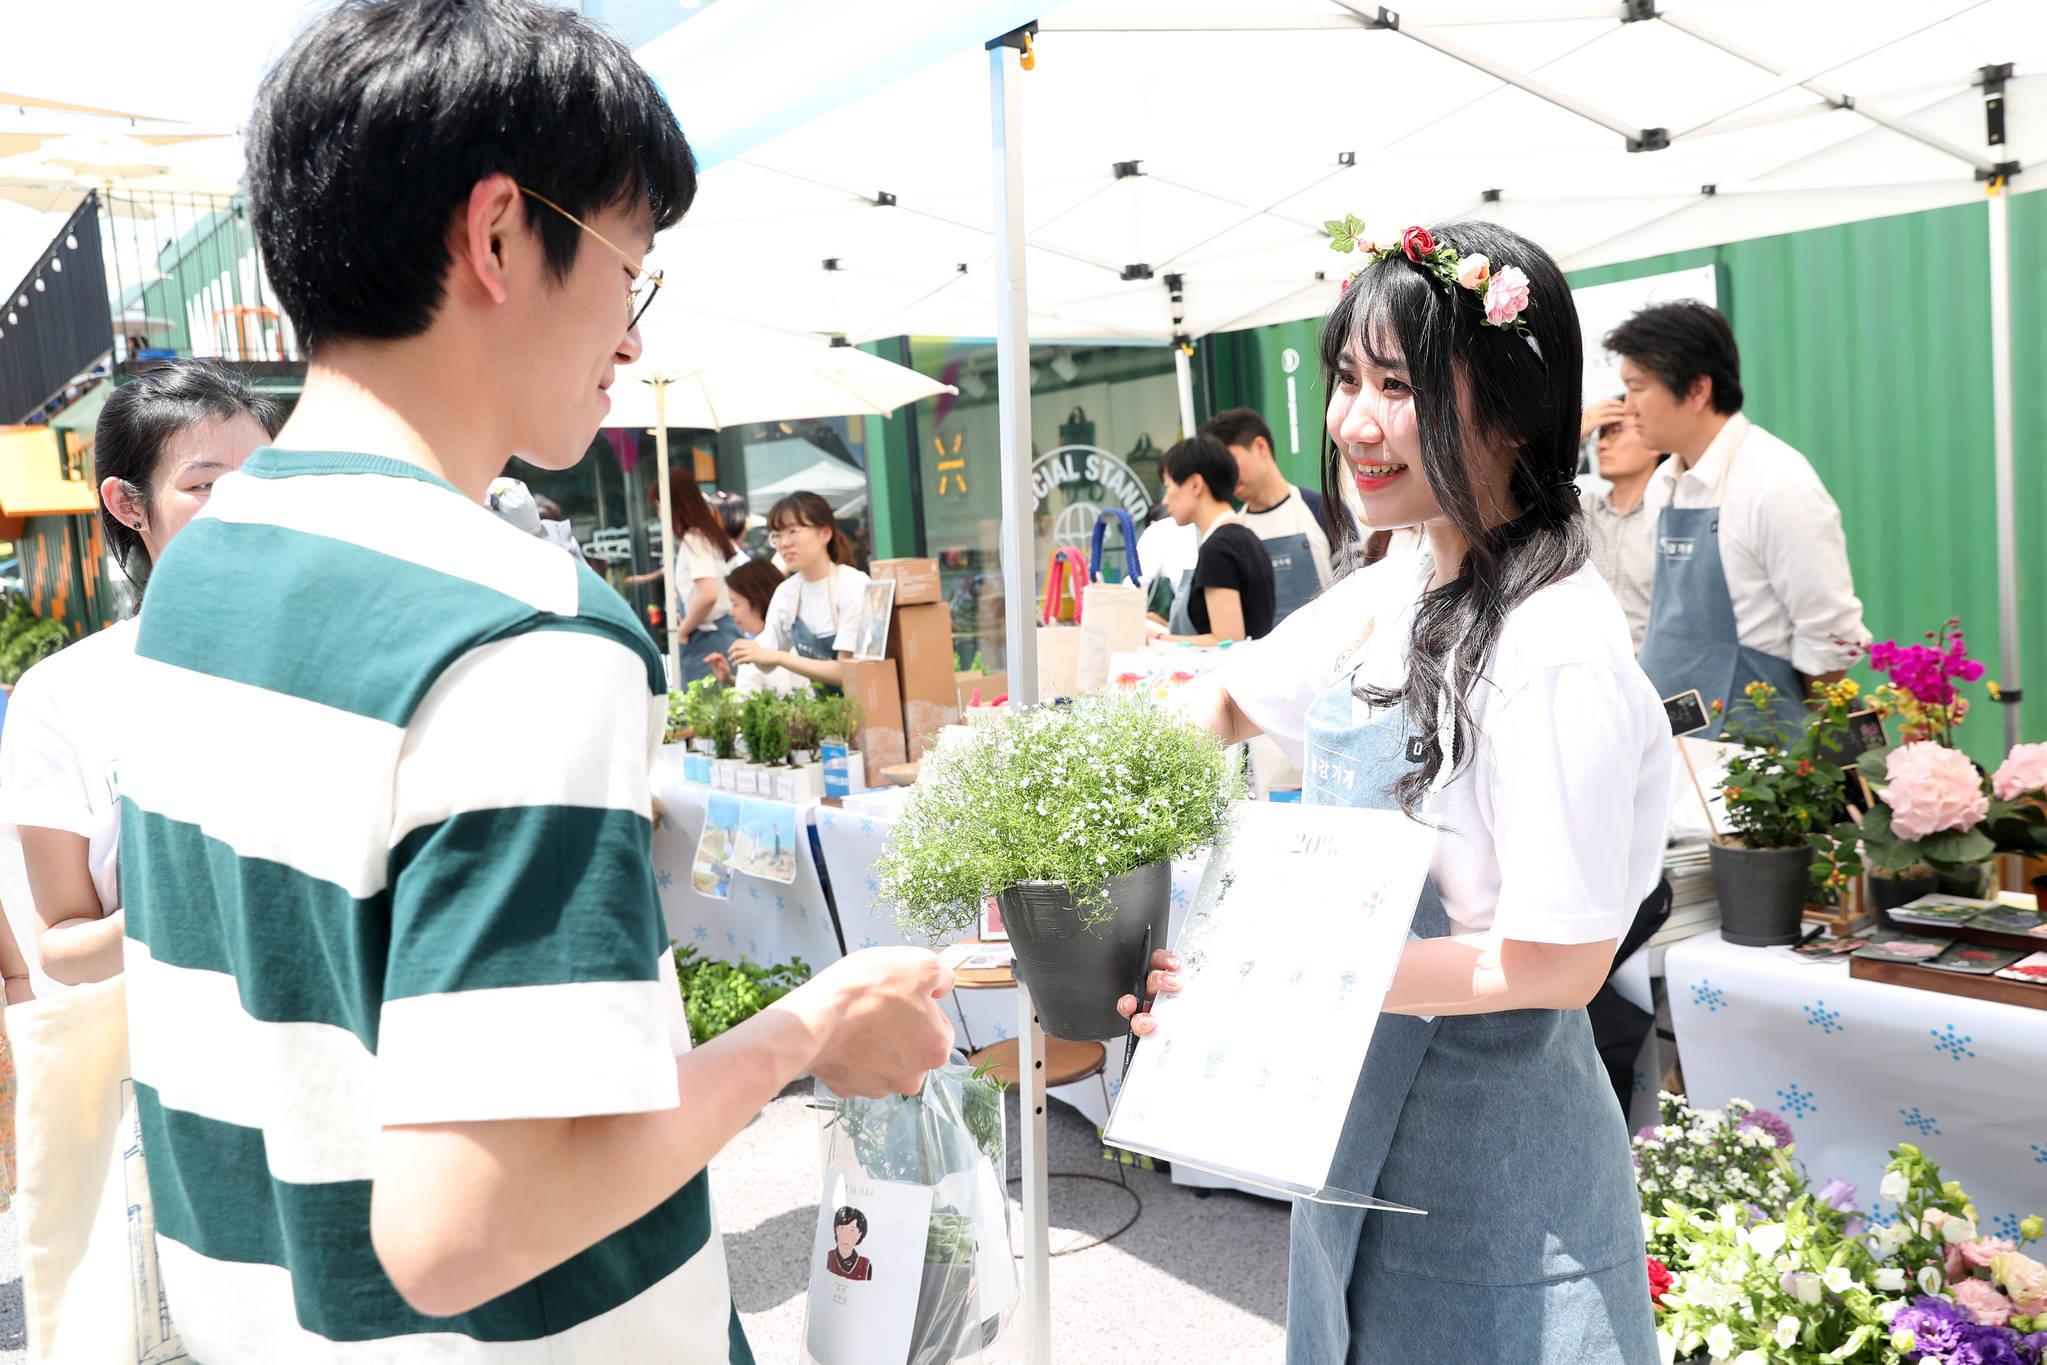 26일 서울 성수동 언더스탠드에비뉴에서 도심 속 장터 마르쉐가 열렸다. 건강한 먹거리 장을 보러오는 지역주민을 위한 이 시장은 매월 네번째 토요일에 열린다. 농장에서 갓 수확한 꽃을 판매하는 'Honest flower'의 생산자가 꽃에 대해 이야기하고 있다. 우상조 기자